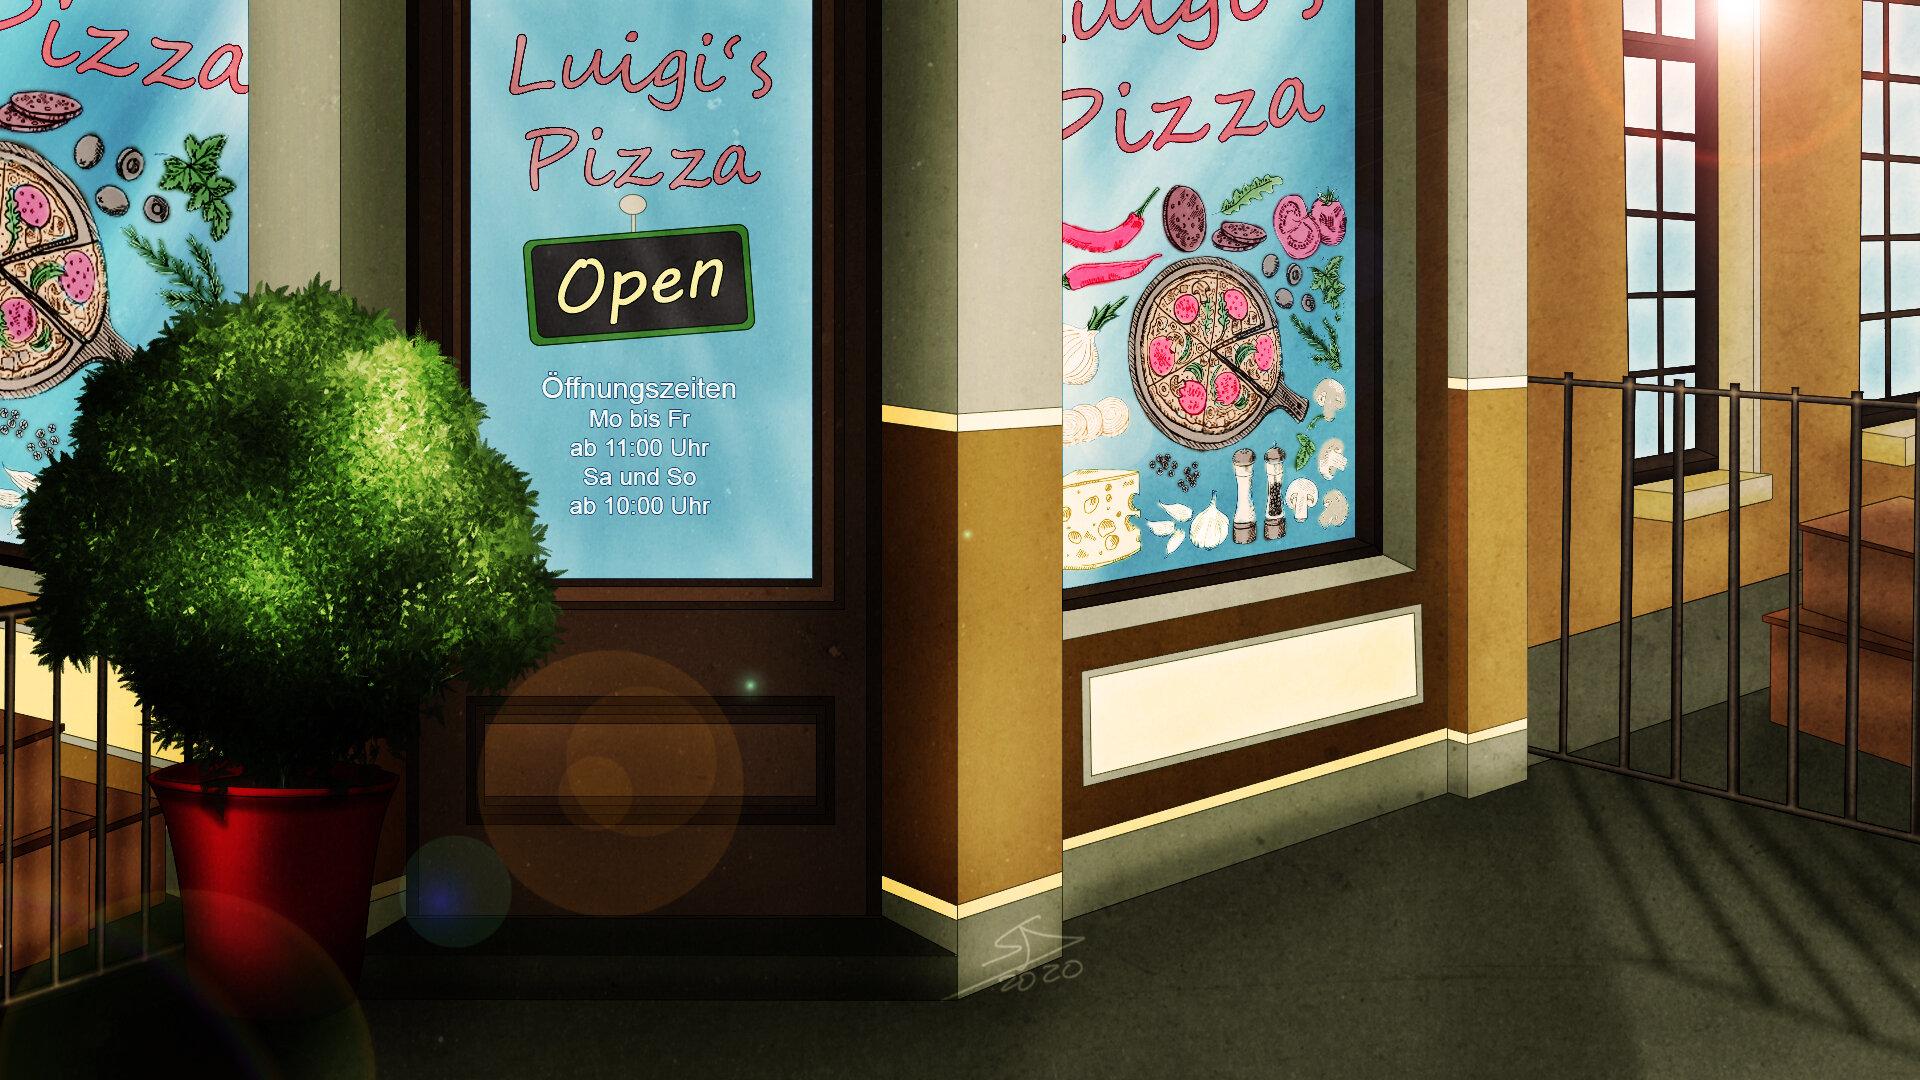 Luigis Pizzeria